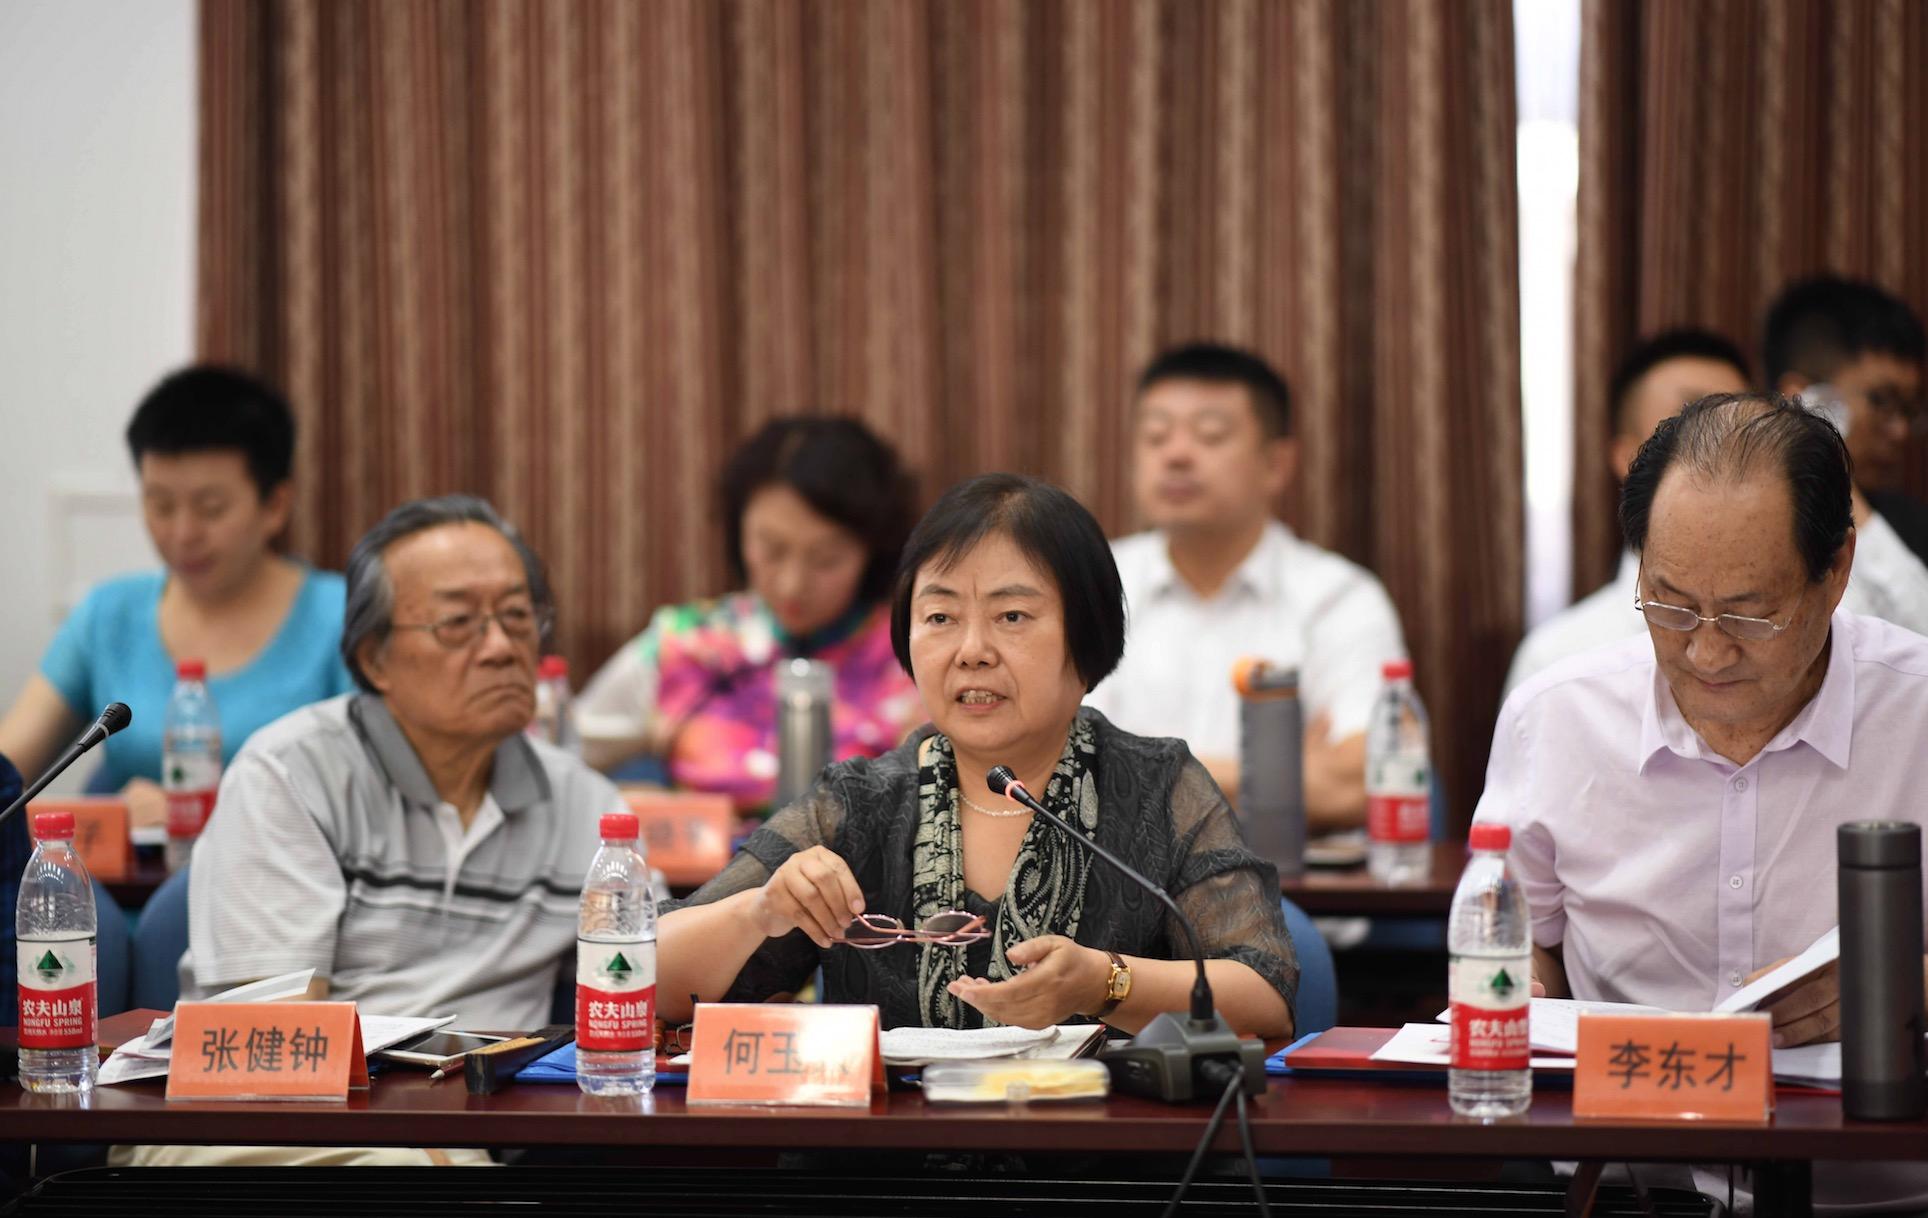 何玉人:山西坚定走中国特色社会主义道路的决心,从艺术上得到了体现